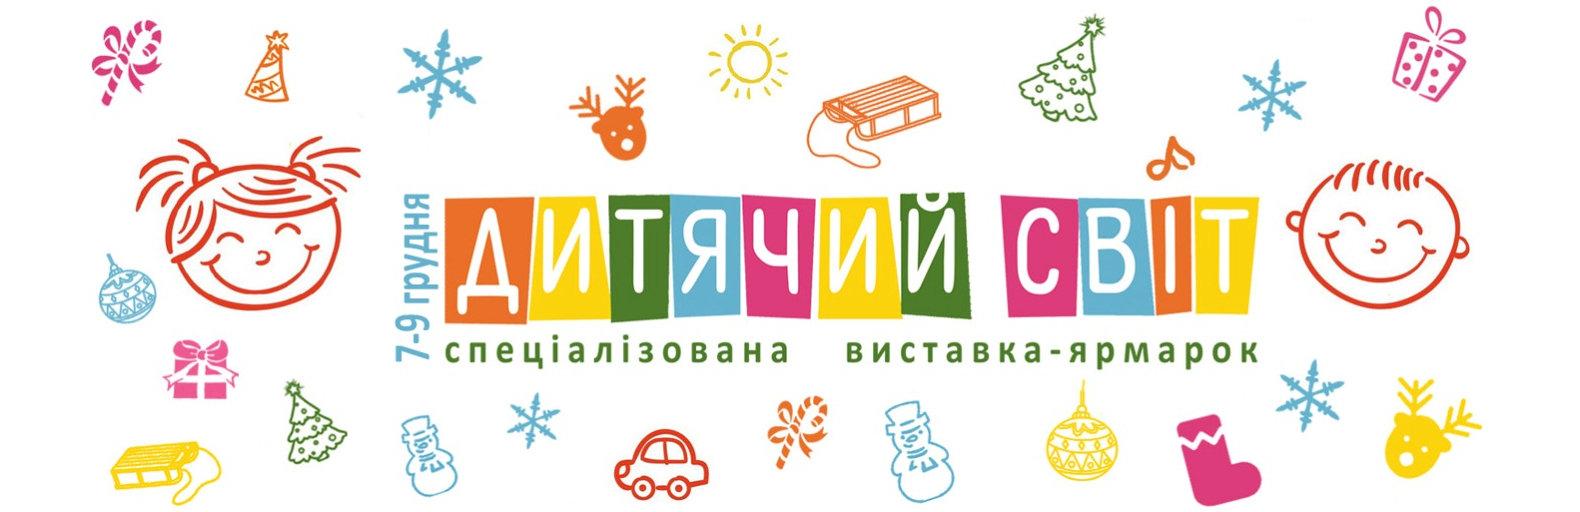 7-9 грудня 2018 року у Львові відбудеться ІX виставка-ярмарок «Дитячий світ» d38e82a1a6c4b